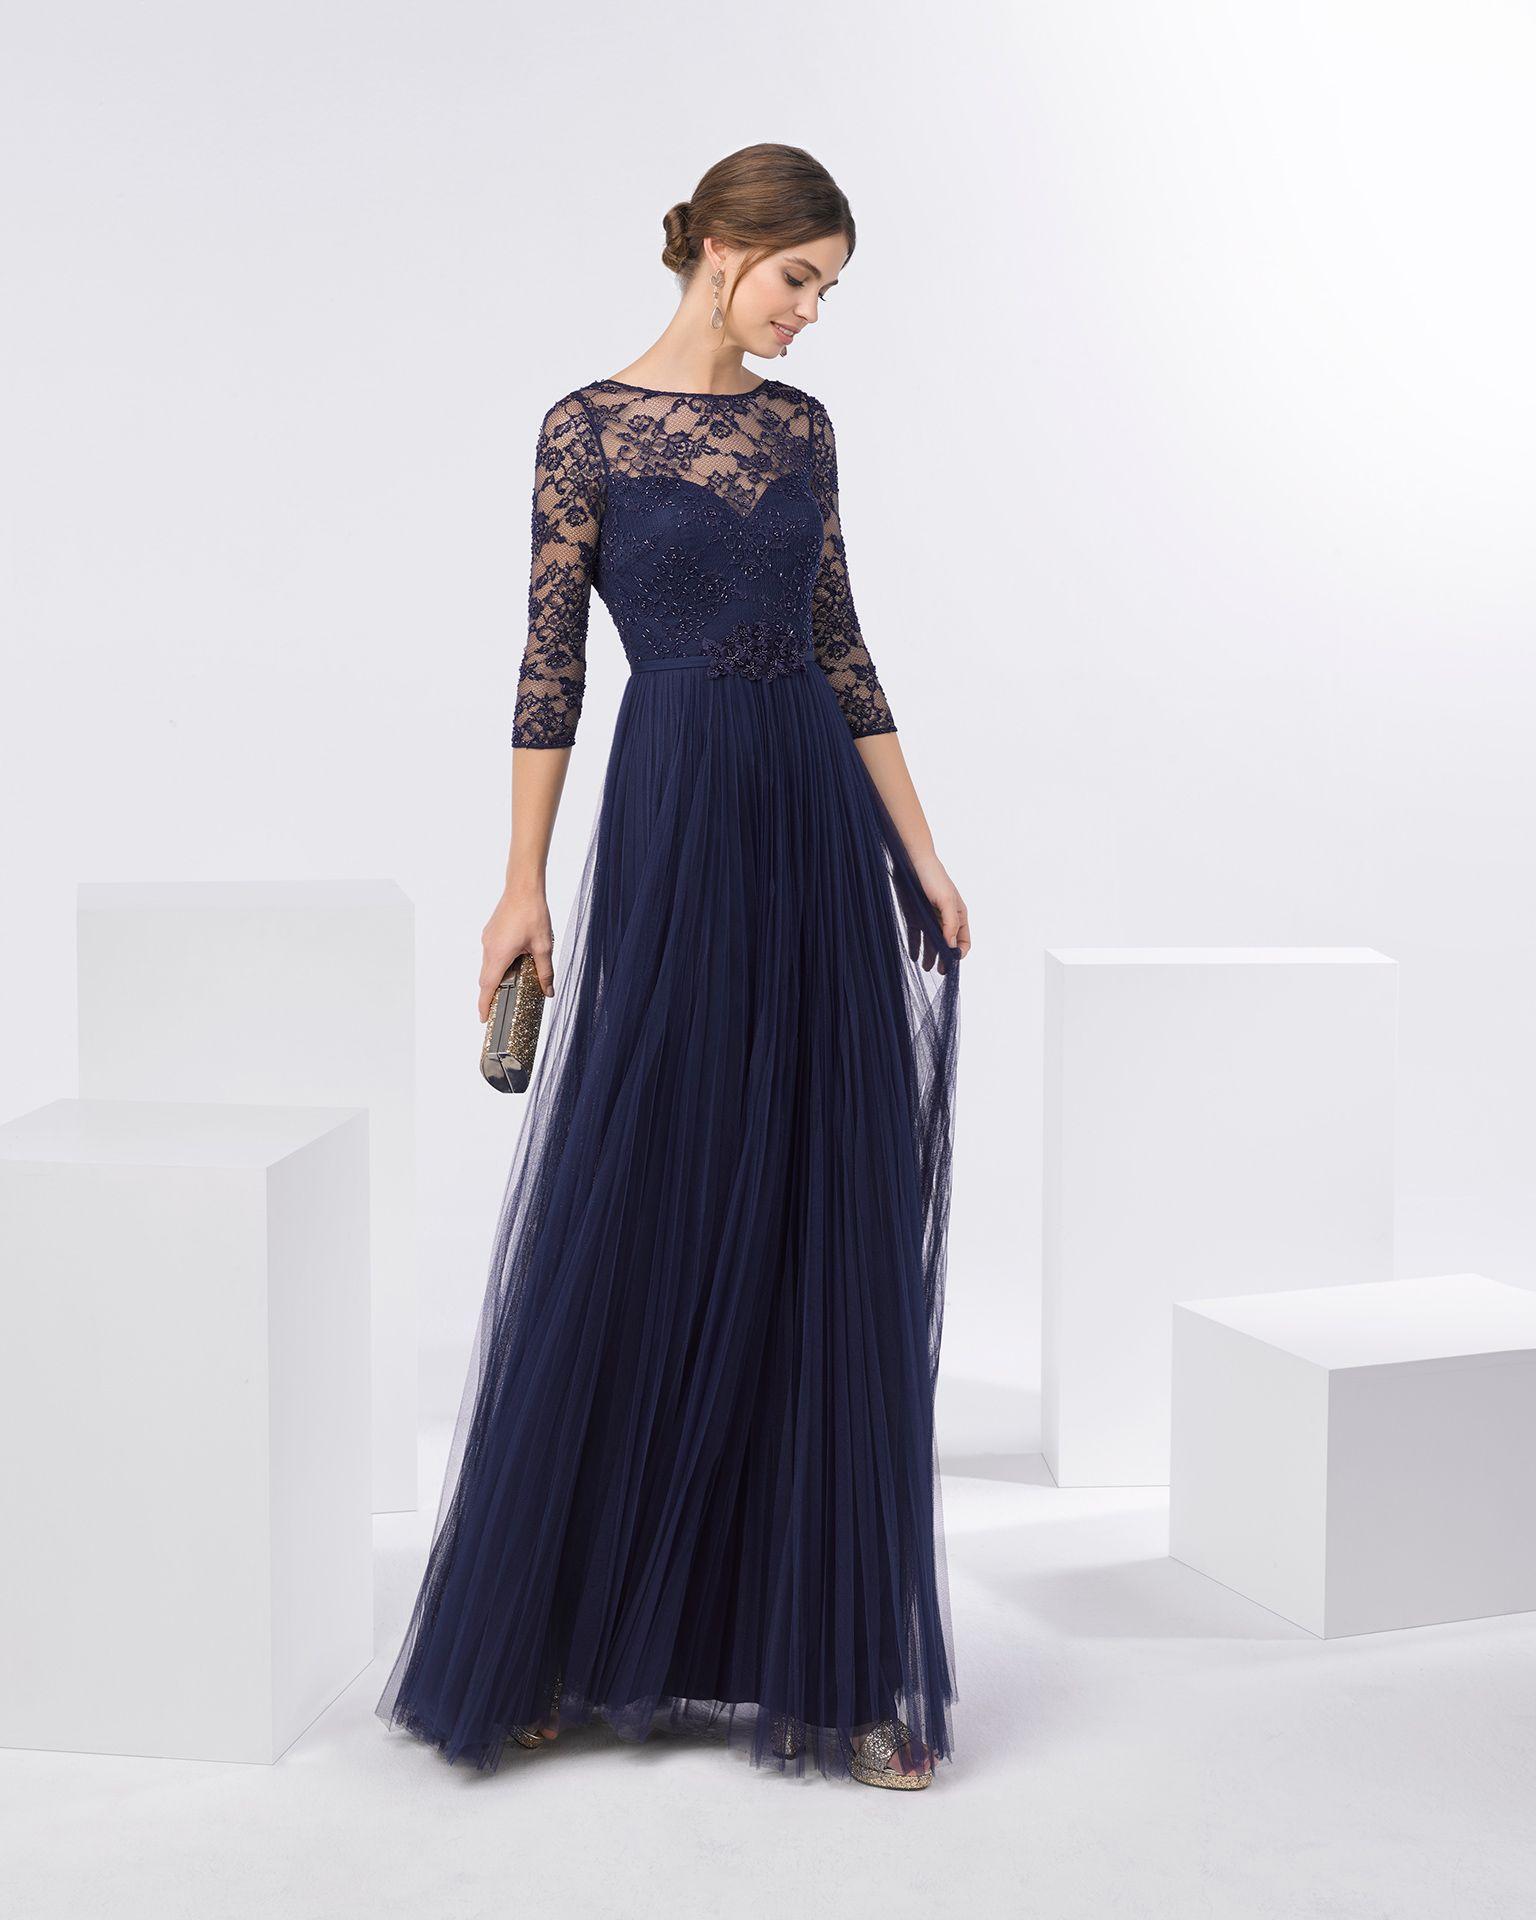 22ea1ee8aa Vestido de fiesta de tul y cuerpo de encaje y pedrería con escote barco y manga  francesa. Disponible en color marino